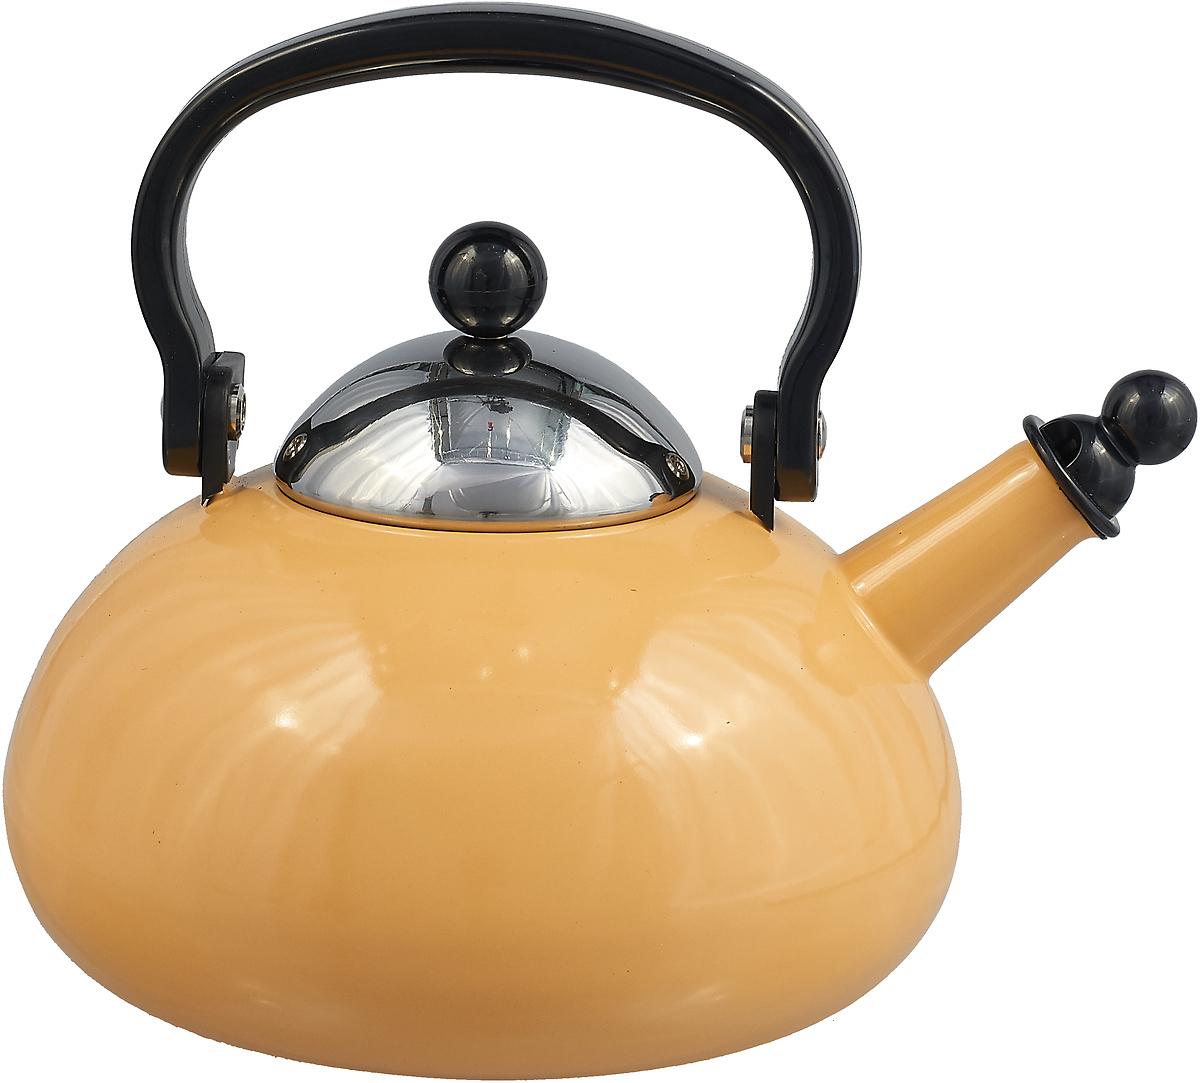 Чайник эмалированный Ejiry, 1217, желтый, 2,3 л1217Чайник эмалированный Ejiry, 1217, желтый, 2,3 л.Эмалированный чайник элитного класса. Внутренняя поверхность обработана по технологии гладкого стекла, что позволяет максимально сохранить вкусовые свойства продуктов питания, особенно при длительной обработке. Запах готовой пищи не задерживается на ультрагладких стенках посуды после мытья. Покрытие устойчиво к воздействию щелочей и кислот и не вступает в химические реакции с пищевыми продуктами. Гладкая стекловидная поверхность препятствует размножению бактерий и значительно превосходит нержавеющую сталь, алюминий и другие материалы по санитарным свойствам и простоте ухода. Следует помнить, что эмаль представляет собой стекловидное покрытие и не терпит грубого обращения: ударов, падений на пол и т.д. В этих случаях покрытие может отслоиться, поэтому с изделиями нужно обращаться осторожно. Меры предосторожности: Не ставить на огонь пустыми без продуктов: если по ошибке изделие оказалось на огне пустым – не охлаждать резко под струей воды, подвергать естественному охлаждению. В противном случае изделие может растрескаться. Регулируйте пламя конфорки так, чтобы его диаметр соответствовал диаметру изделия и не перегревал ручку. При мытье изделий нельзя пользоваться металлическими щетками, мыть изделие нужно горячей водой и нейтральными моющими средствами при помощи мягкой губки.